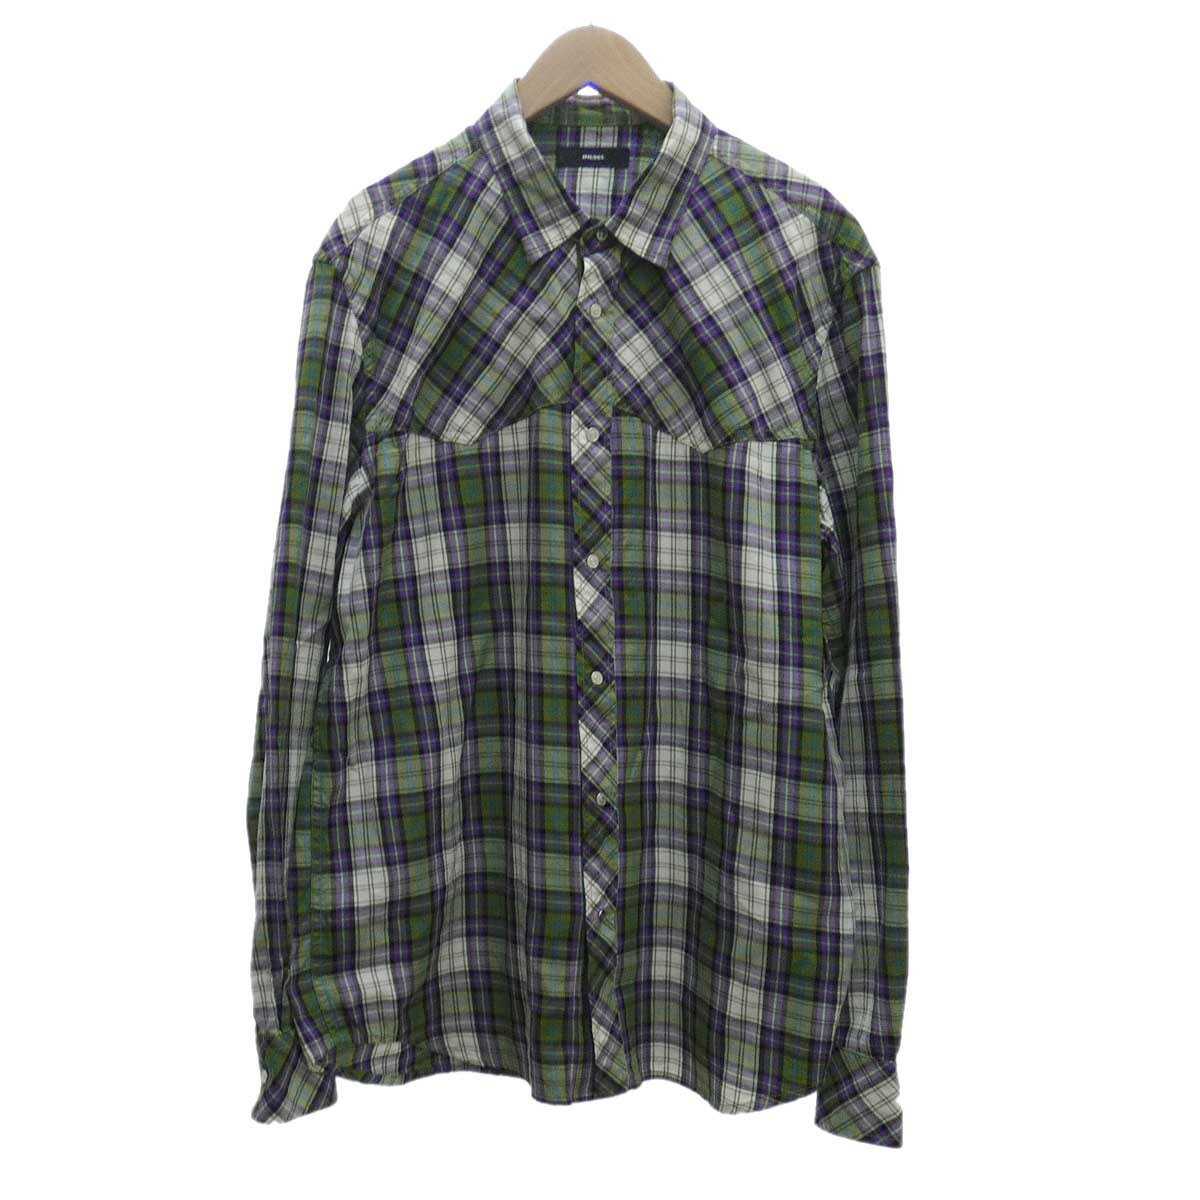 トップス, カジュアルシャツ DIESEL L 020220